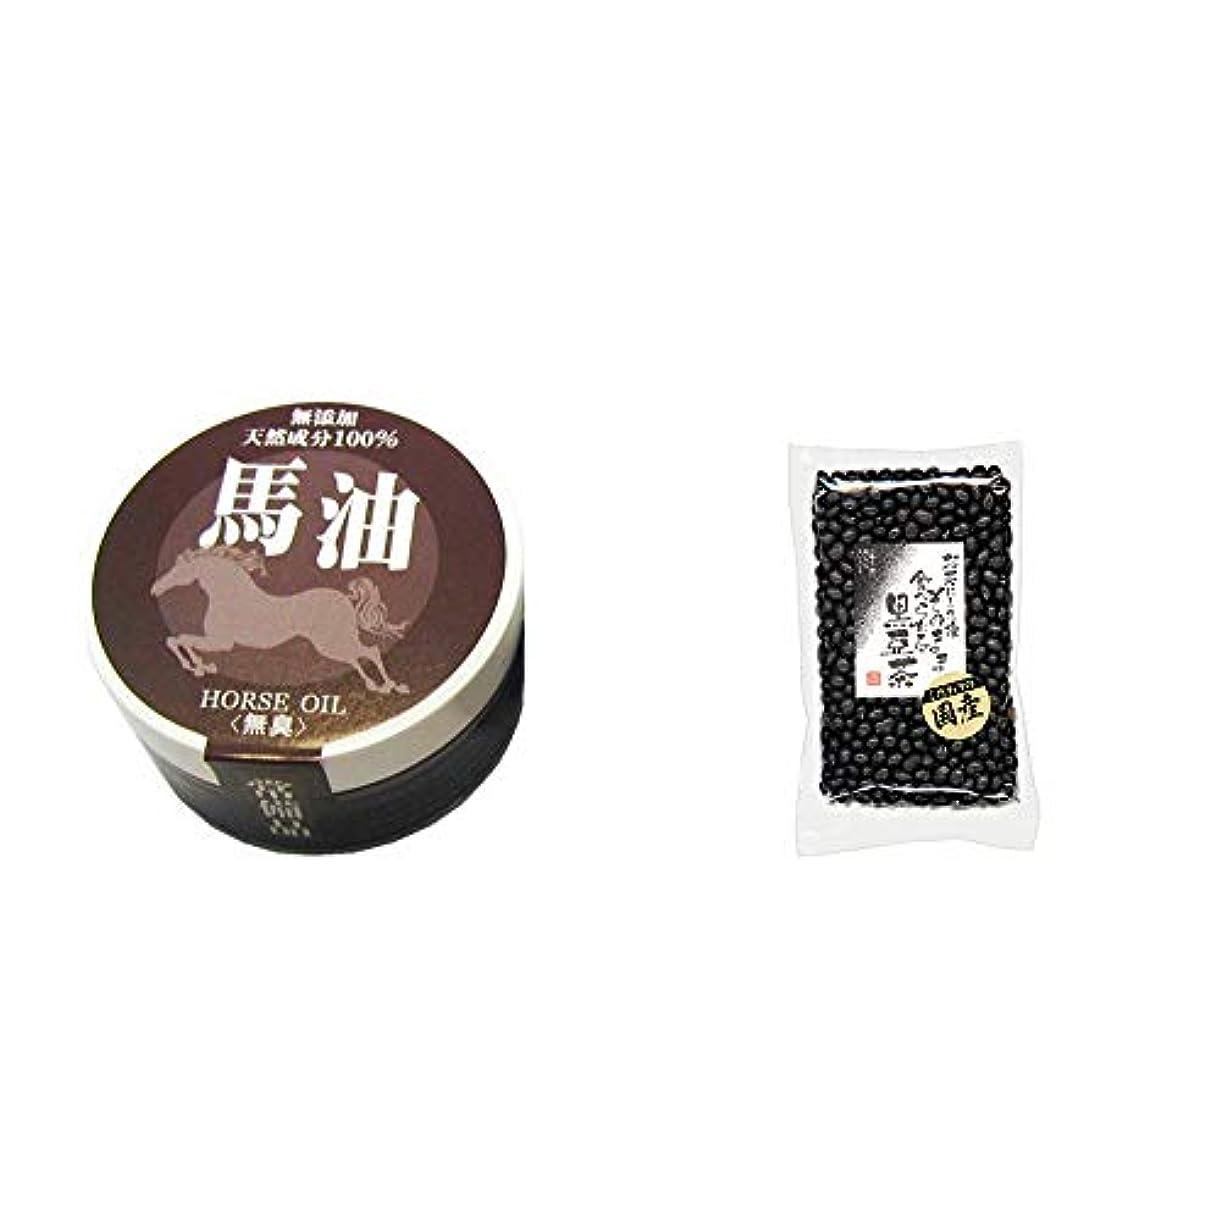 アテンダント香り全部[2点セット] 無添加天然成分100% 馬油[無香料](38g)?国産 黒豆茶(200g)